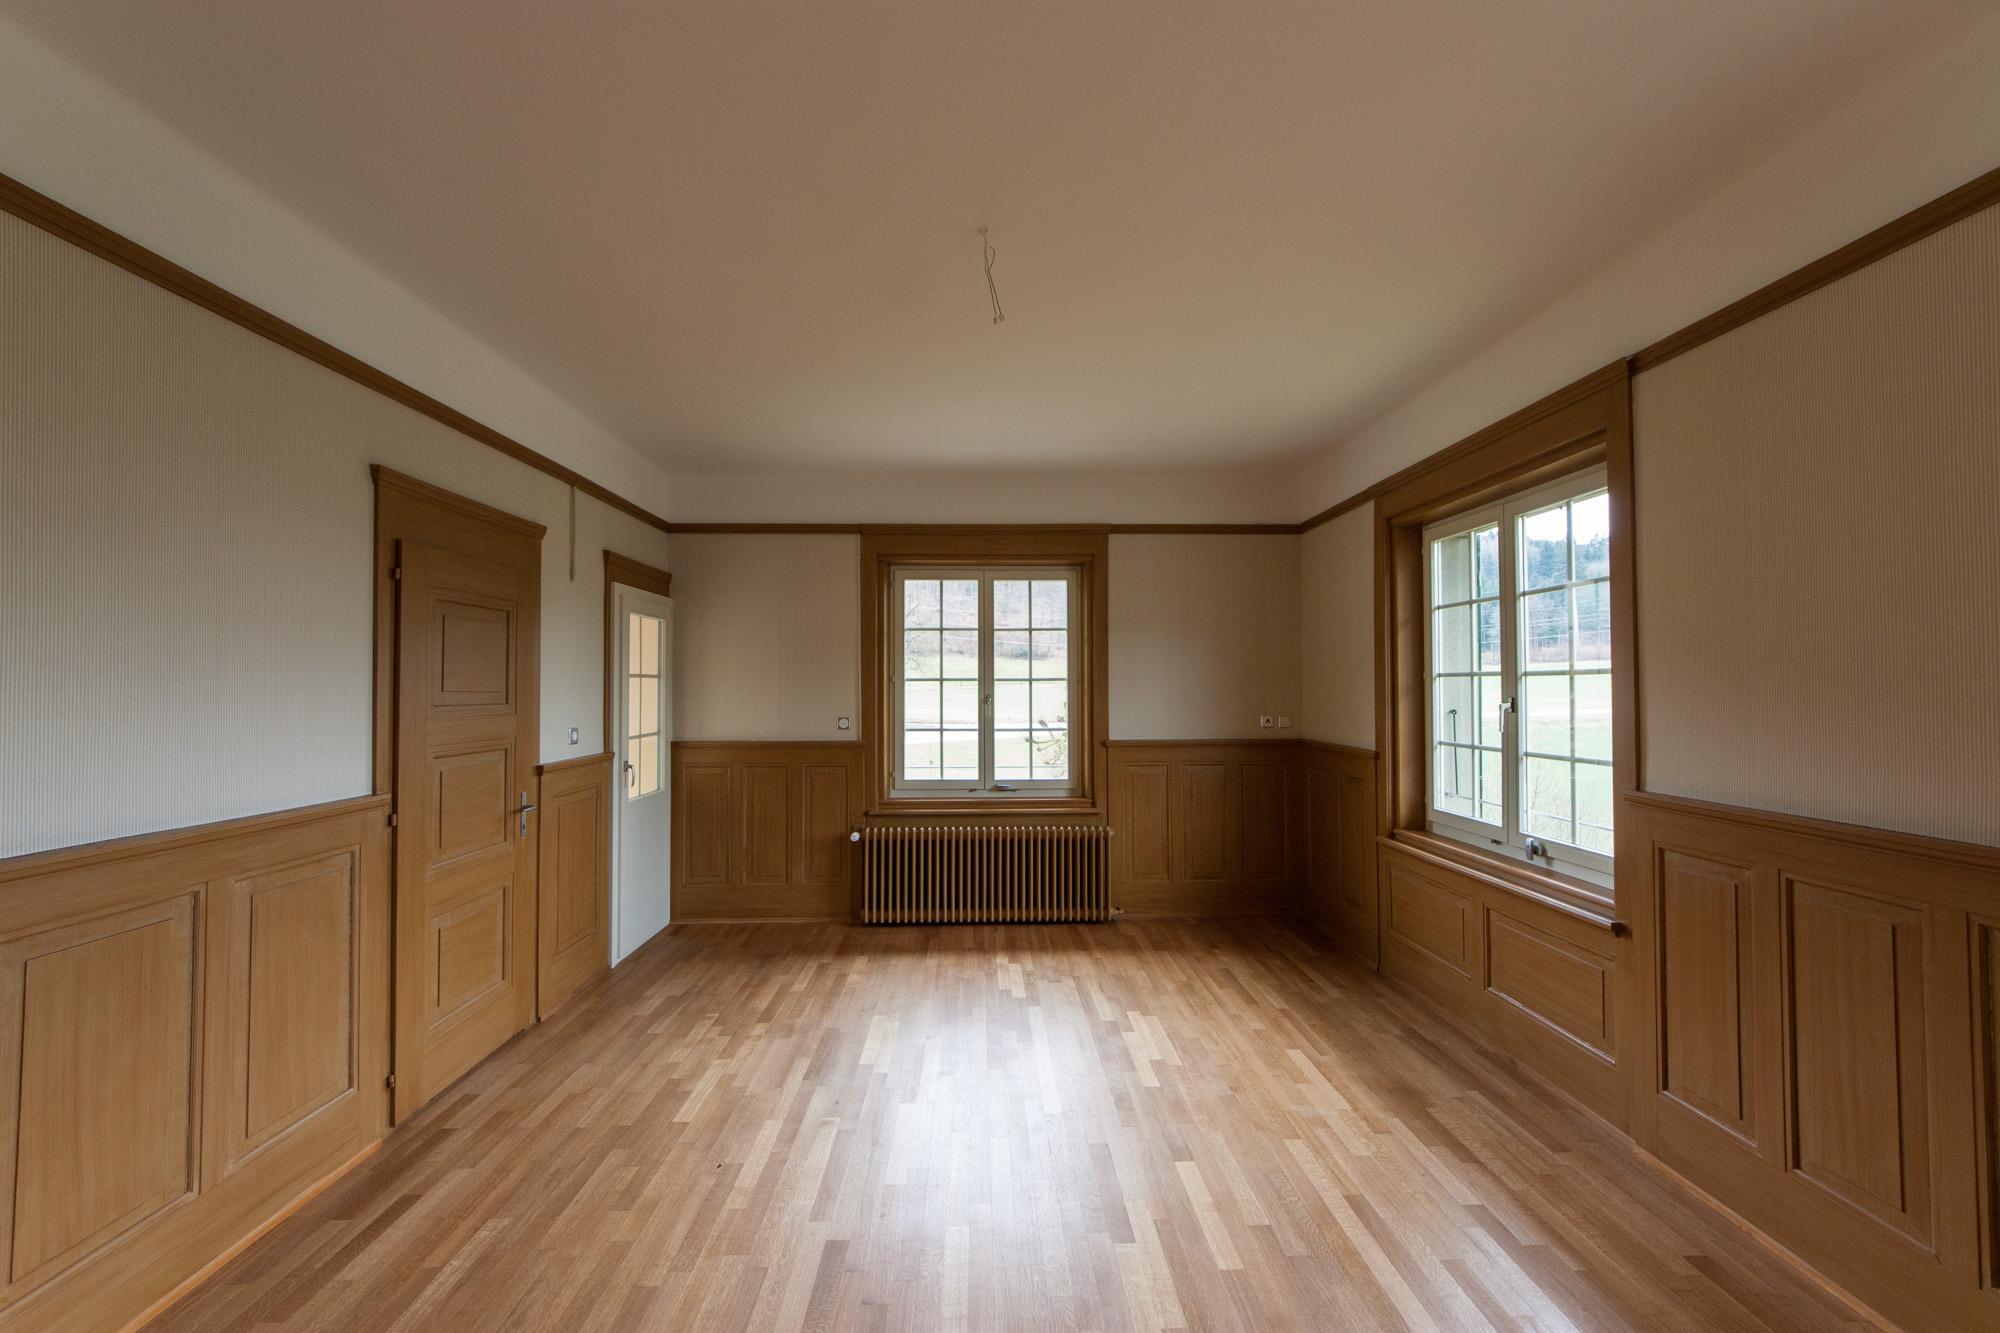 Das geschichtsträchtige Herrenhaus gleich bei der RBS-Station Deisswil ist bereits von aussen einen Blick wert. Im Inneren der Liegenschaft konnte die MerzGips AG Gipserarbeiten ausführen. Die renovierten Räume haben den Charakter der alten Villa erhalten und wurden mit modernen Elementen gepaart.